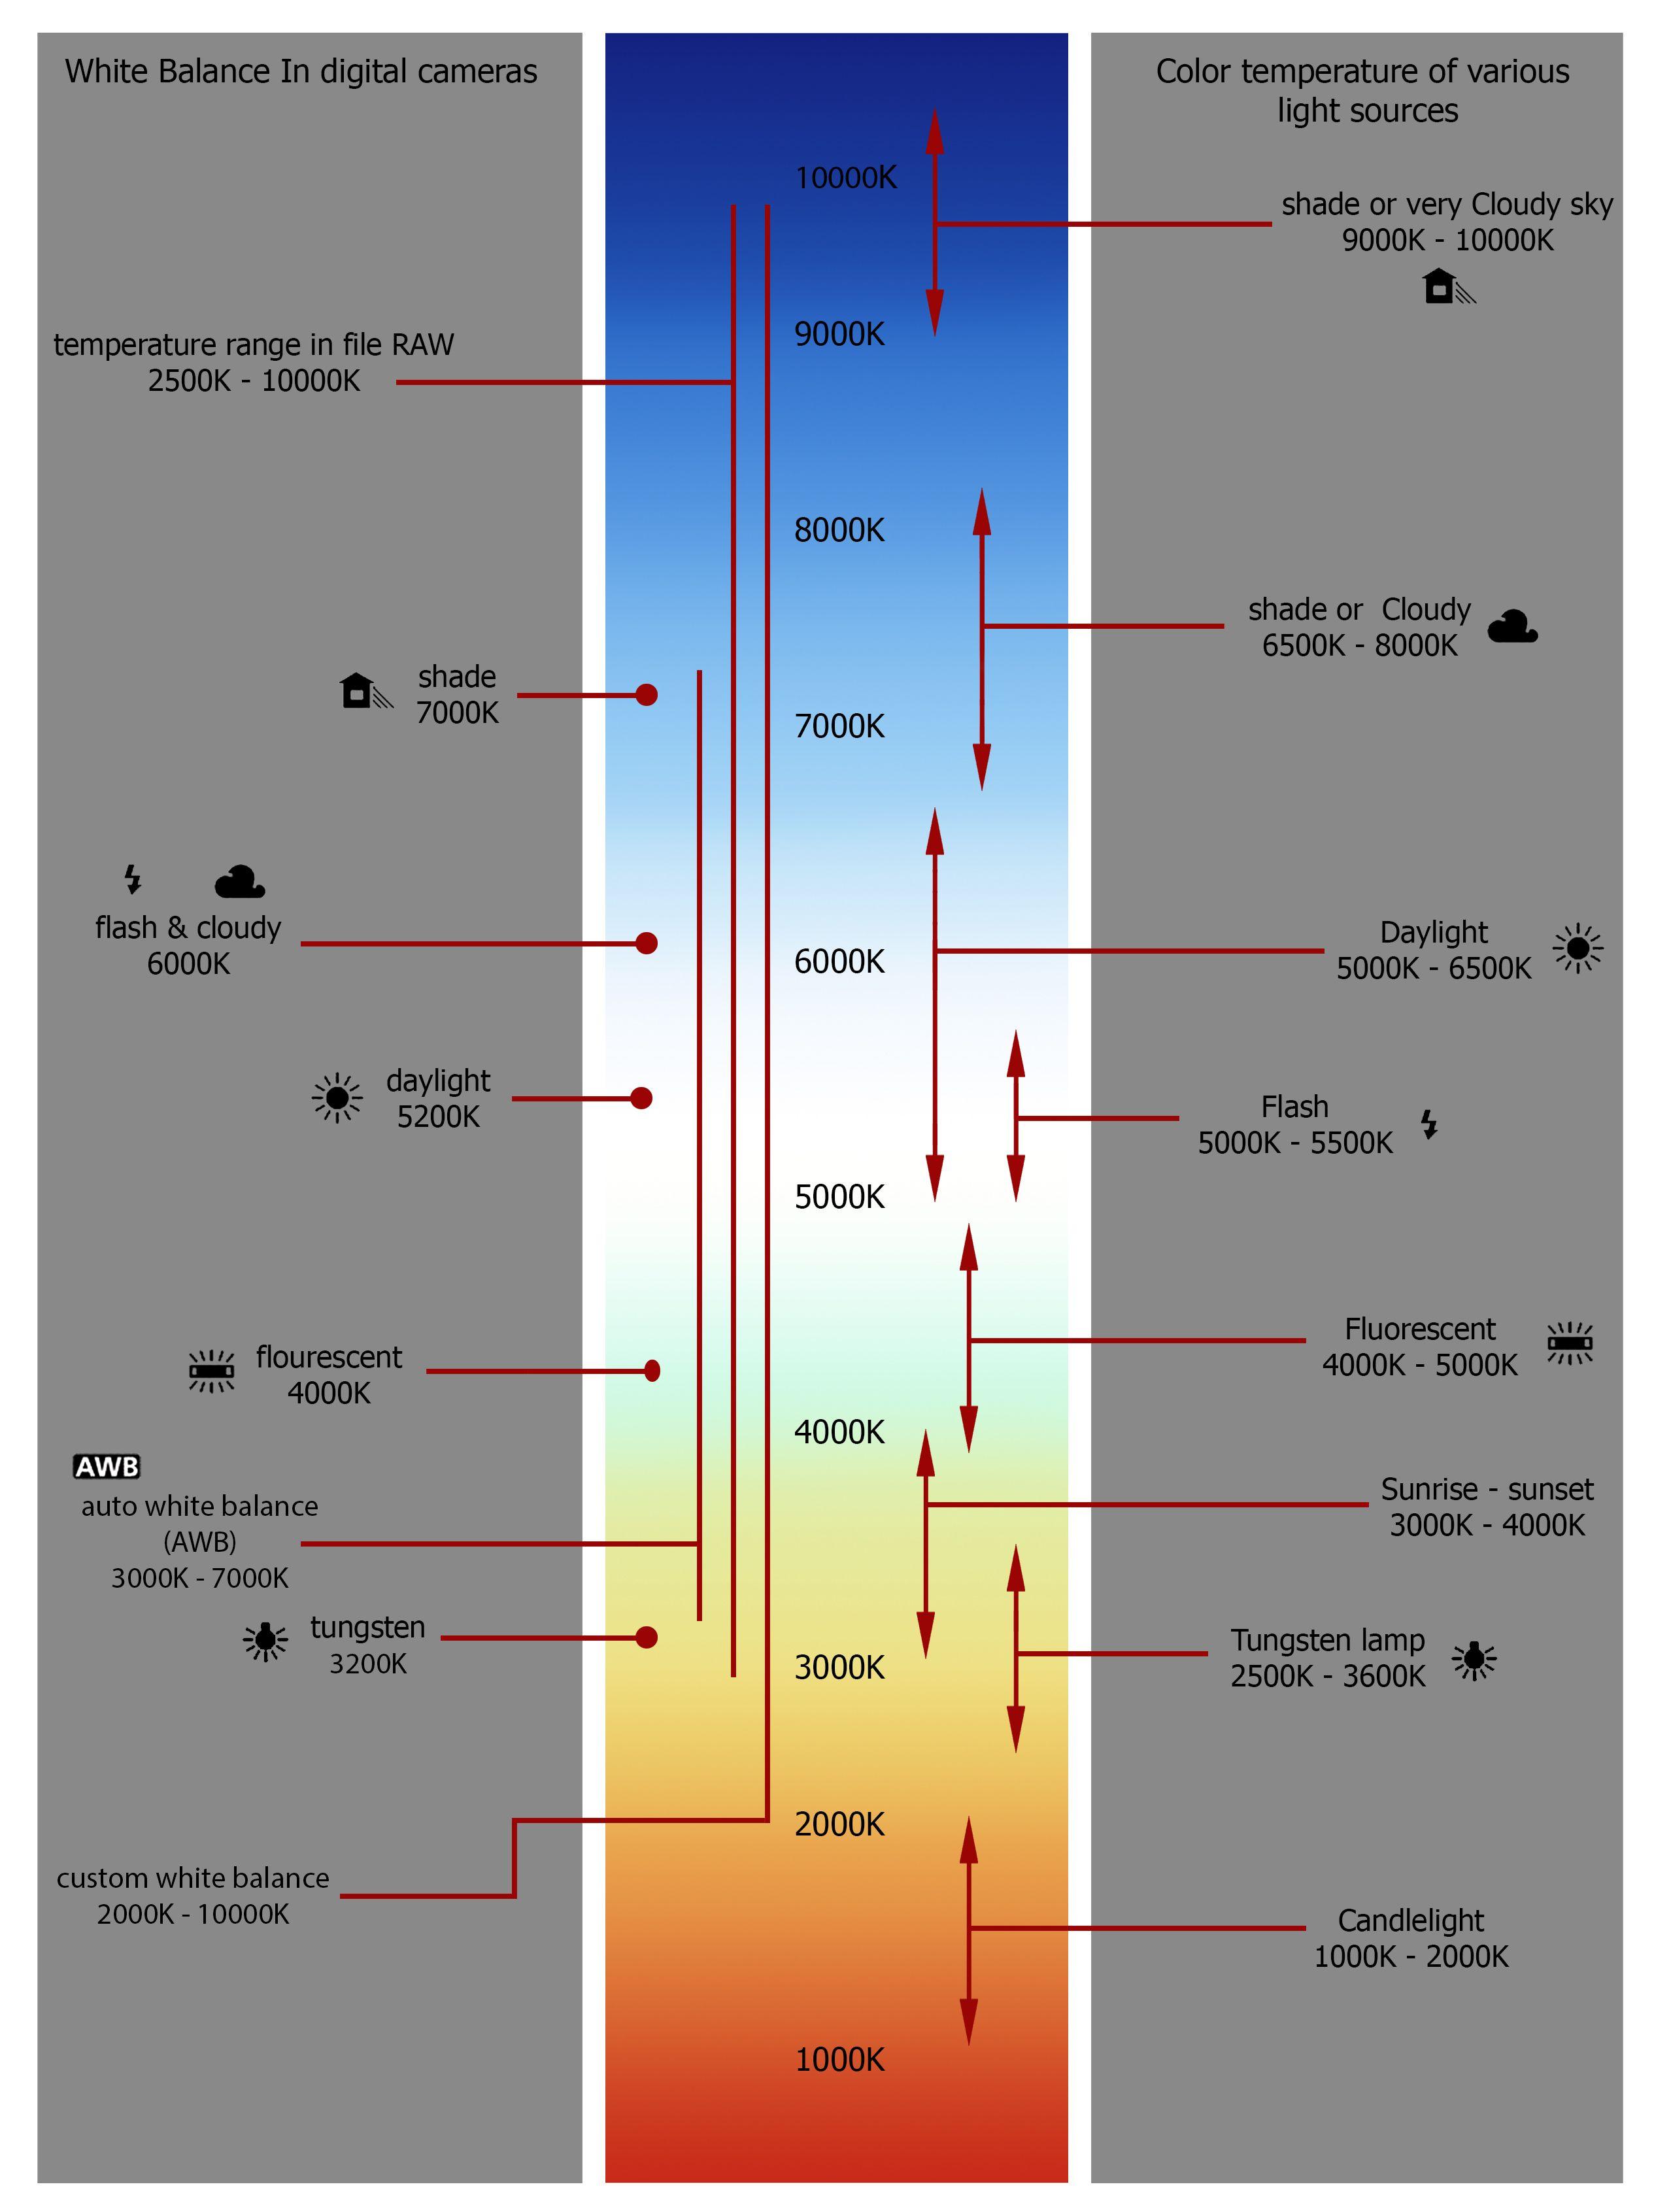 Hvitbalanse og fargetemperatur. (Grafikk: Sompoch Tangthai, Shutterstock)